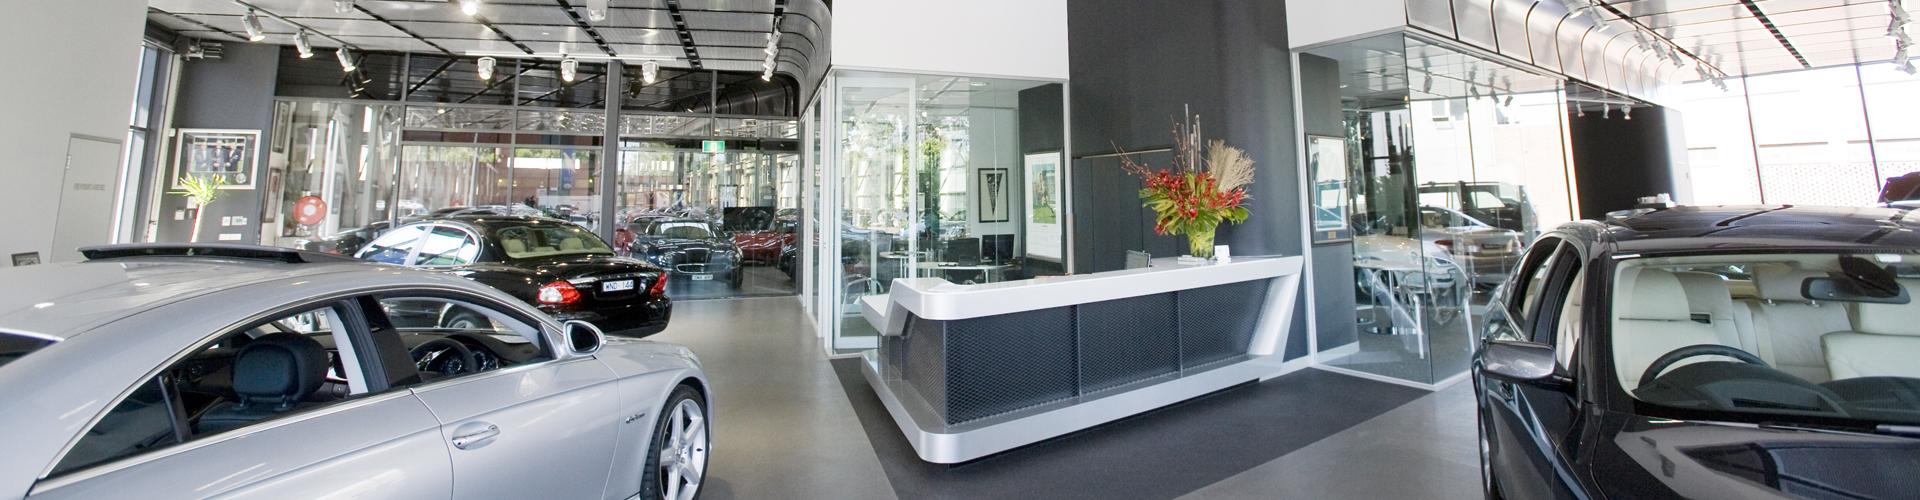 Top Building Supplies Melbourne